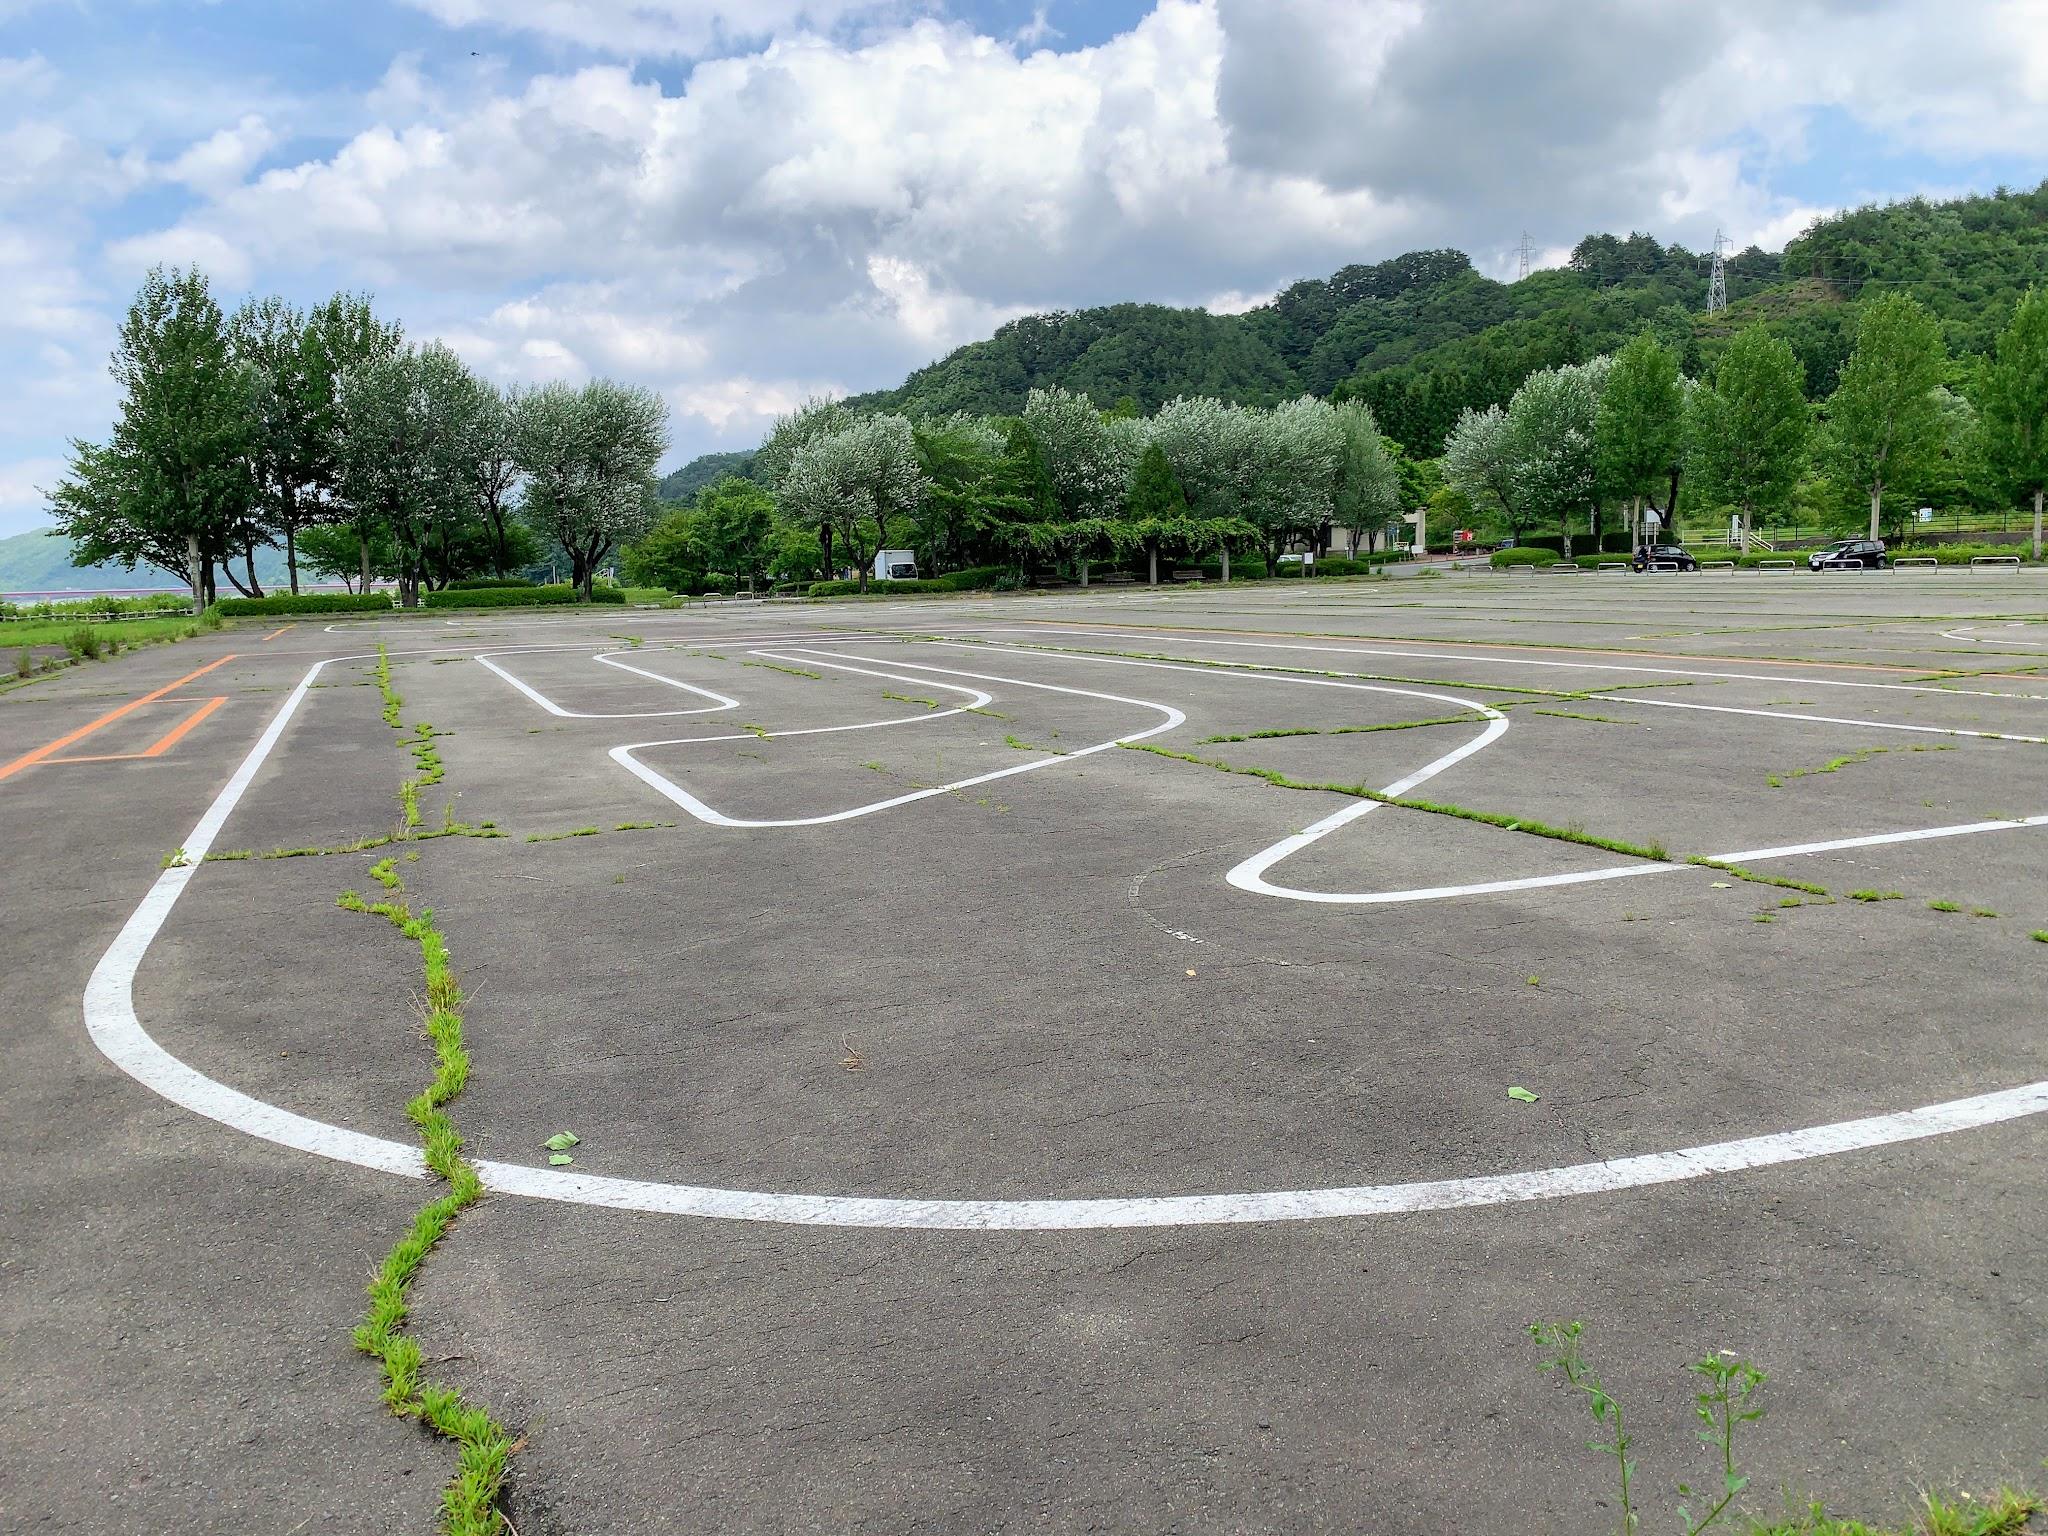 御所湖広域公園わんぱく広場